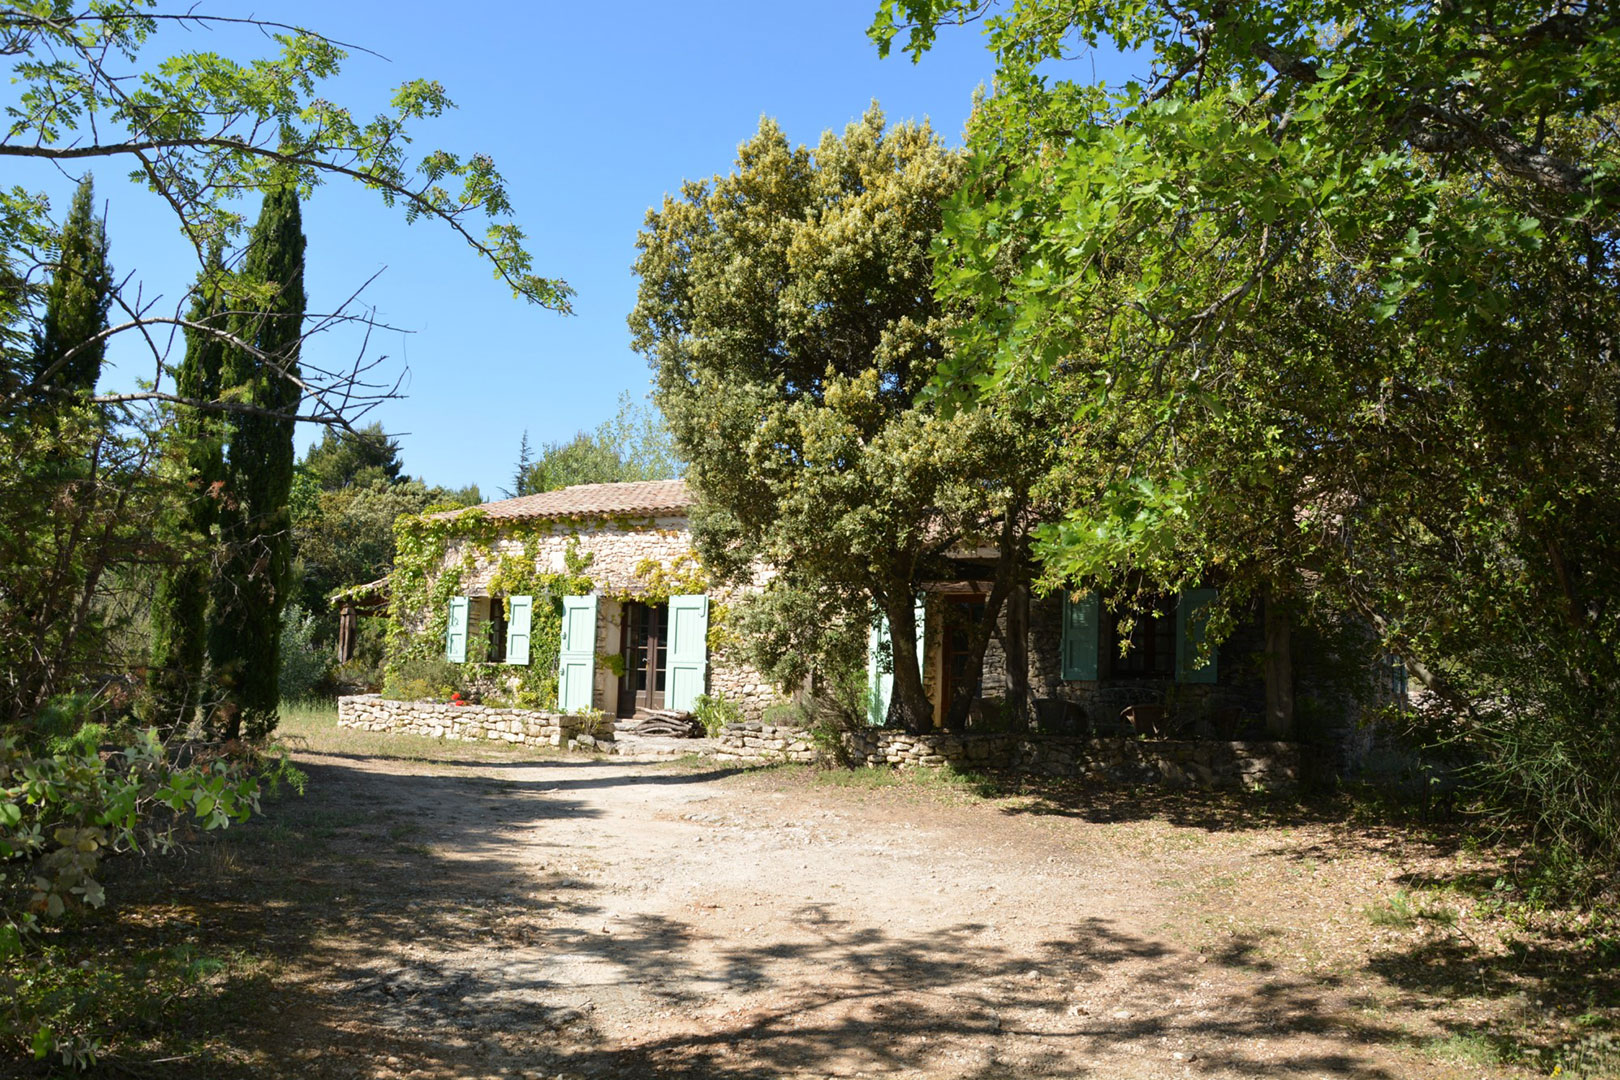 En vente,  en Luberon, propriété en pierres,  de 3 habitations sur 2.6 hectares